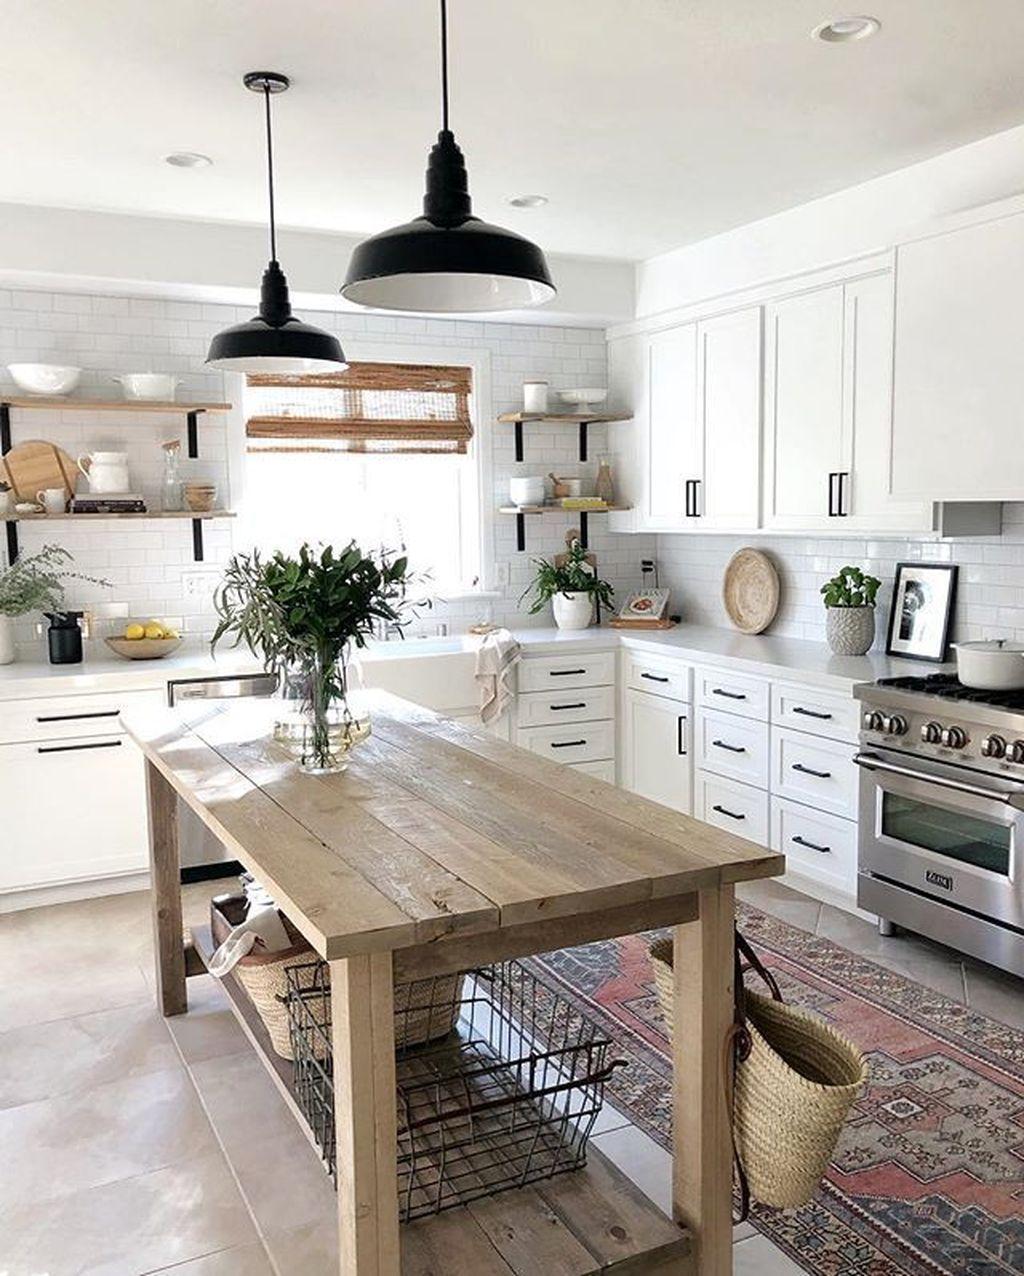 38 Perfect Farmhouse Style Kitchen Table Design Ideas Home Decor Kitchen Kitchen Inspirations Farmhouse Kitchen Decor